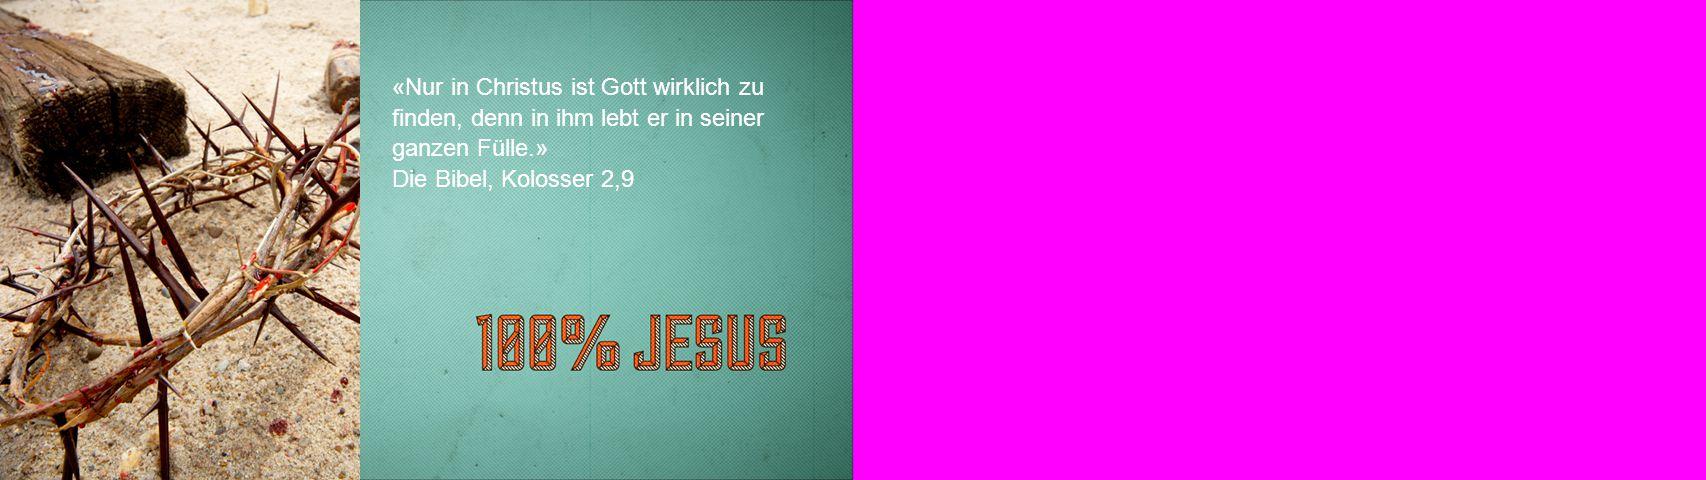 «Nur in Christus ist Gott wirklich zu finden, denn in ihm lebt er in seiner ganzen Fülle.» Die Bibel, Kolosser 2,9